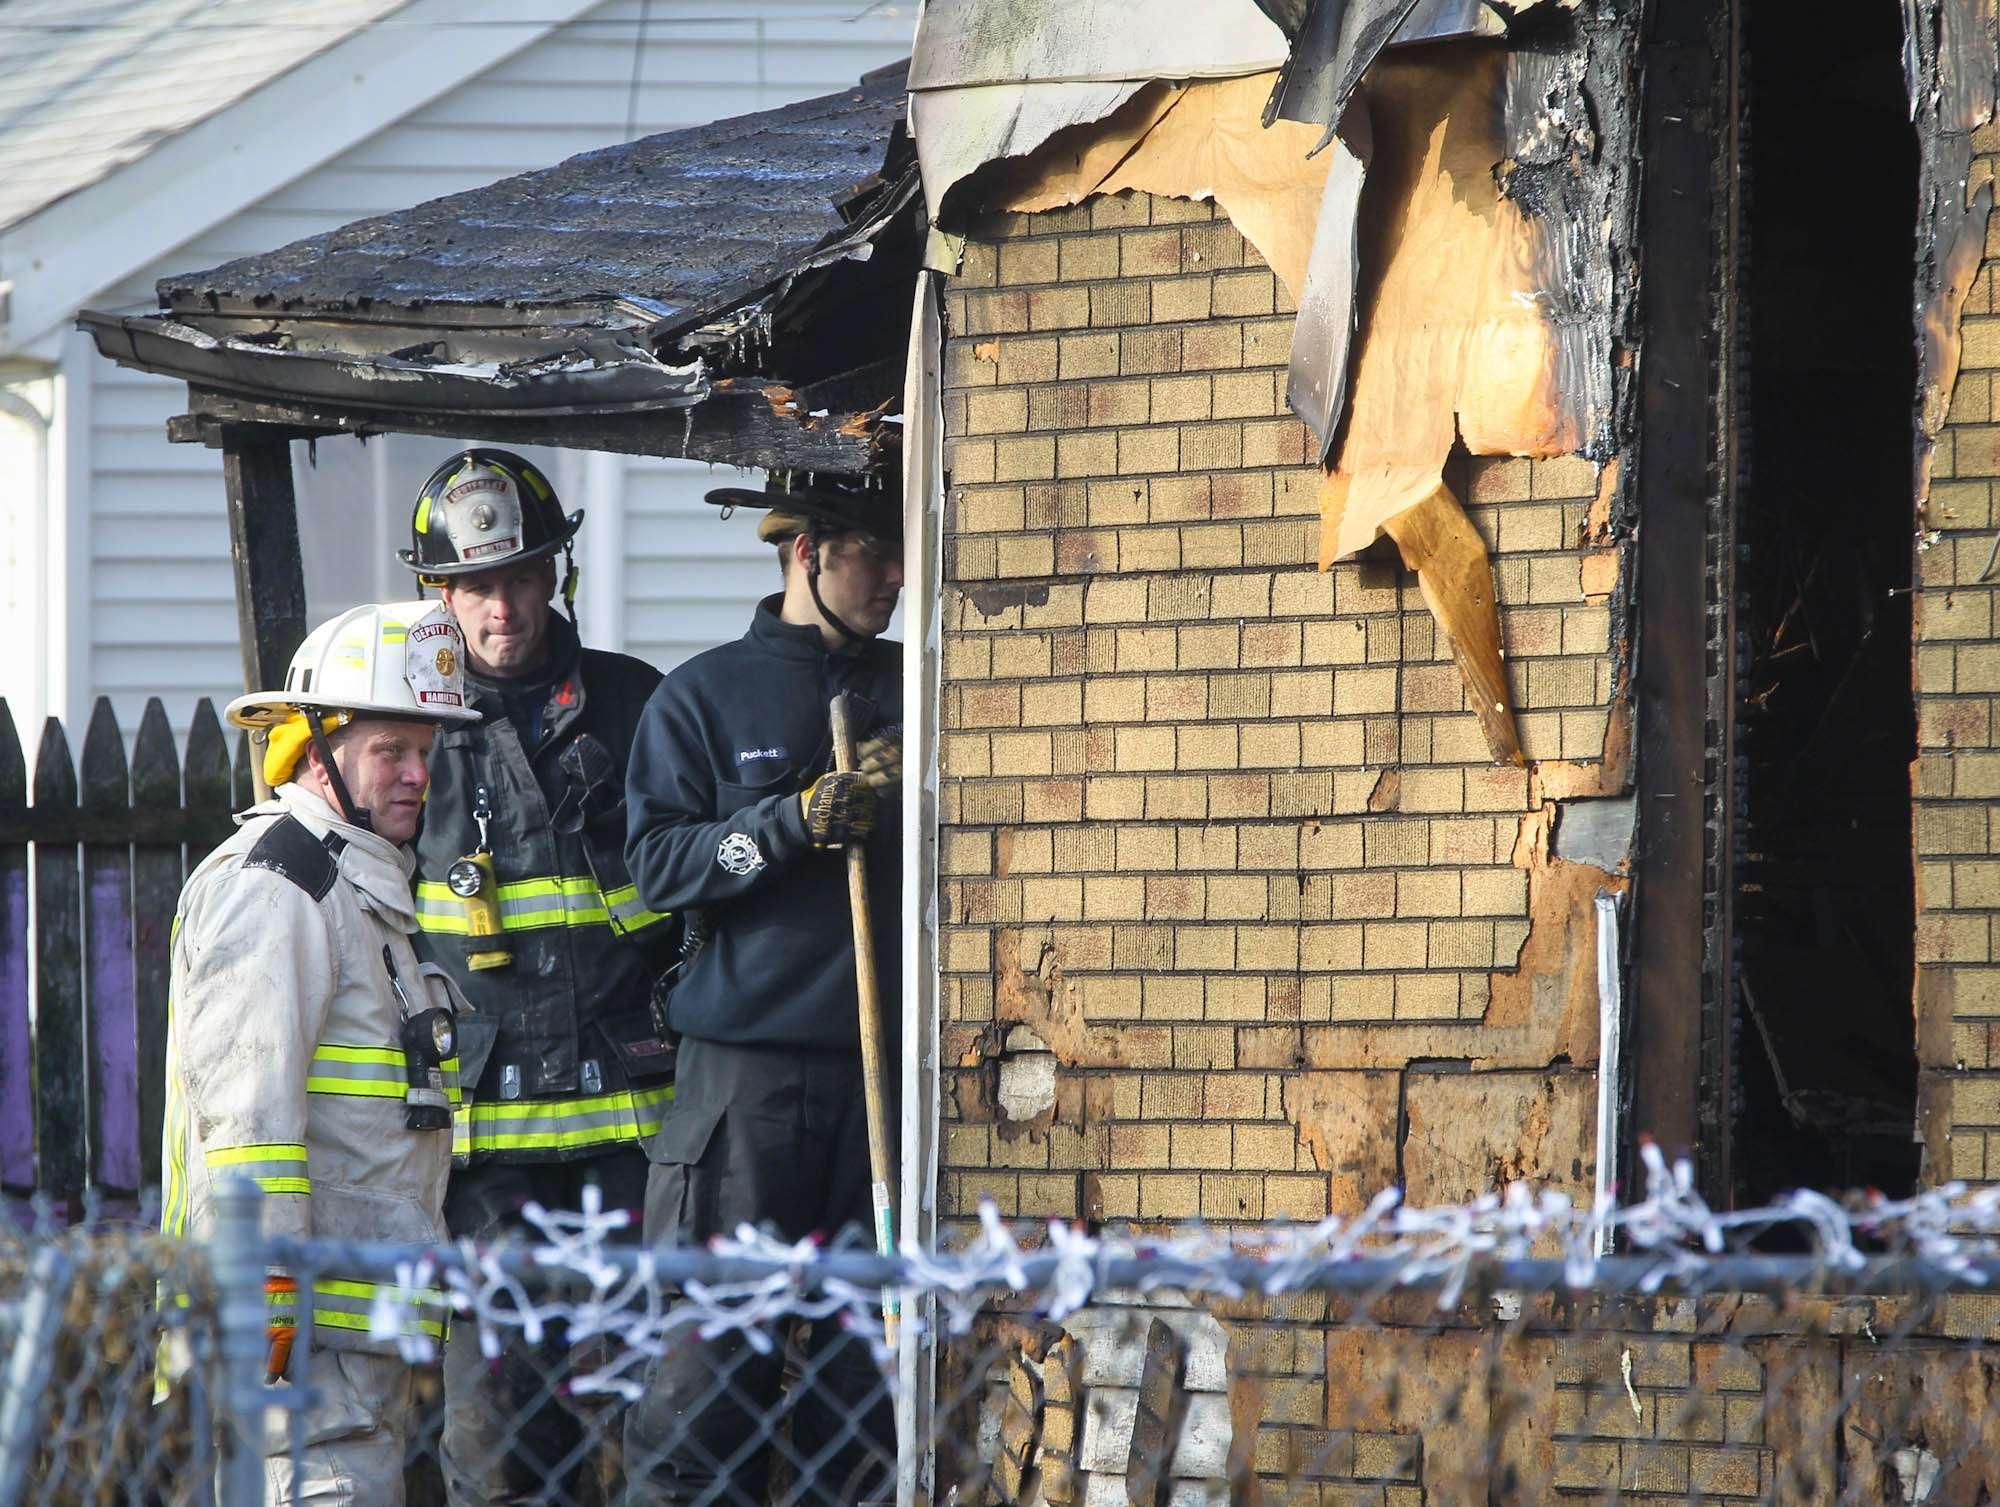 El pasado 12 de diciembre un incendio enlutó a una familia de Hamilton, Ohio. Foto: AP en español